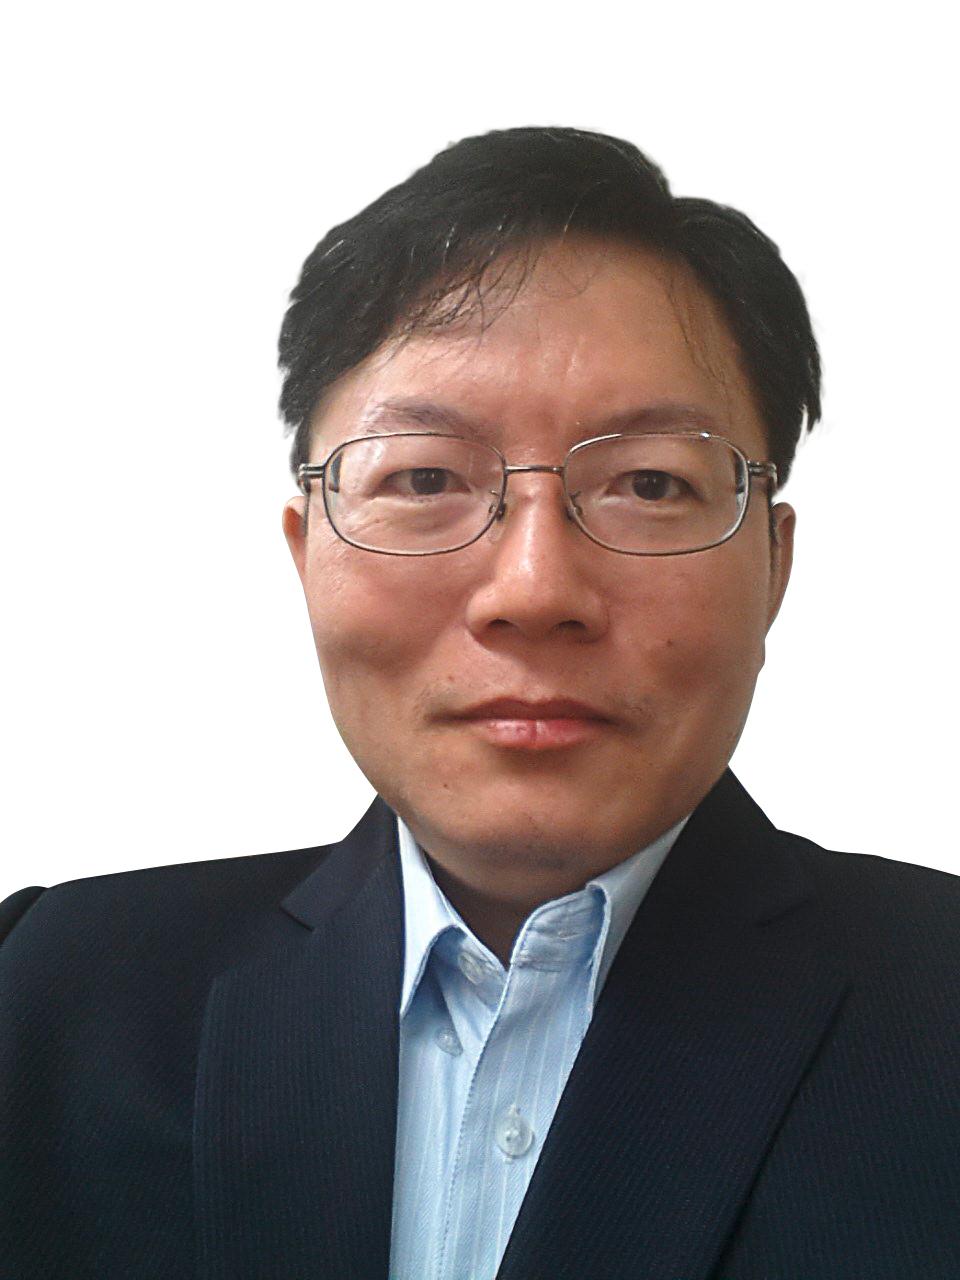 Chia Heng Chung